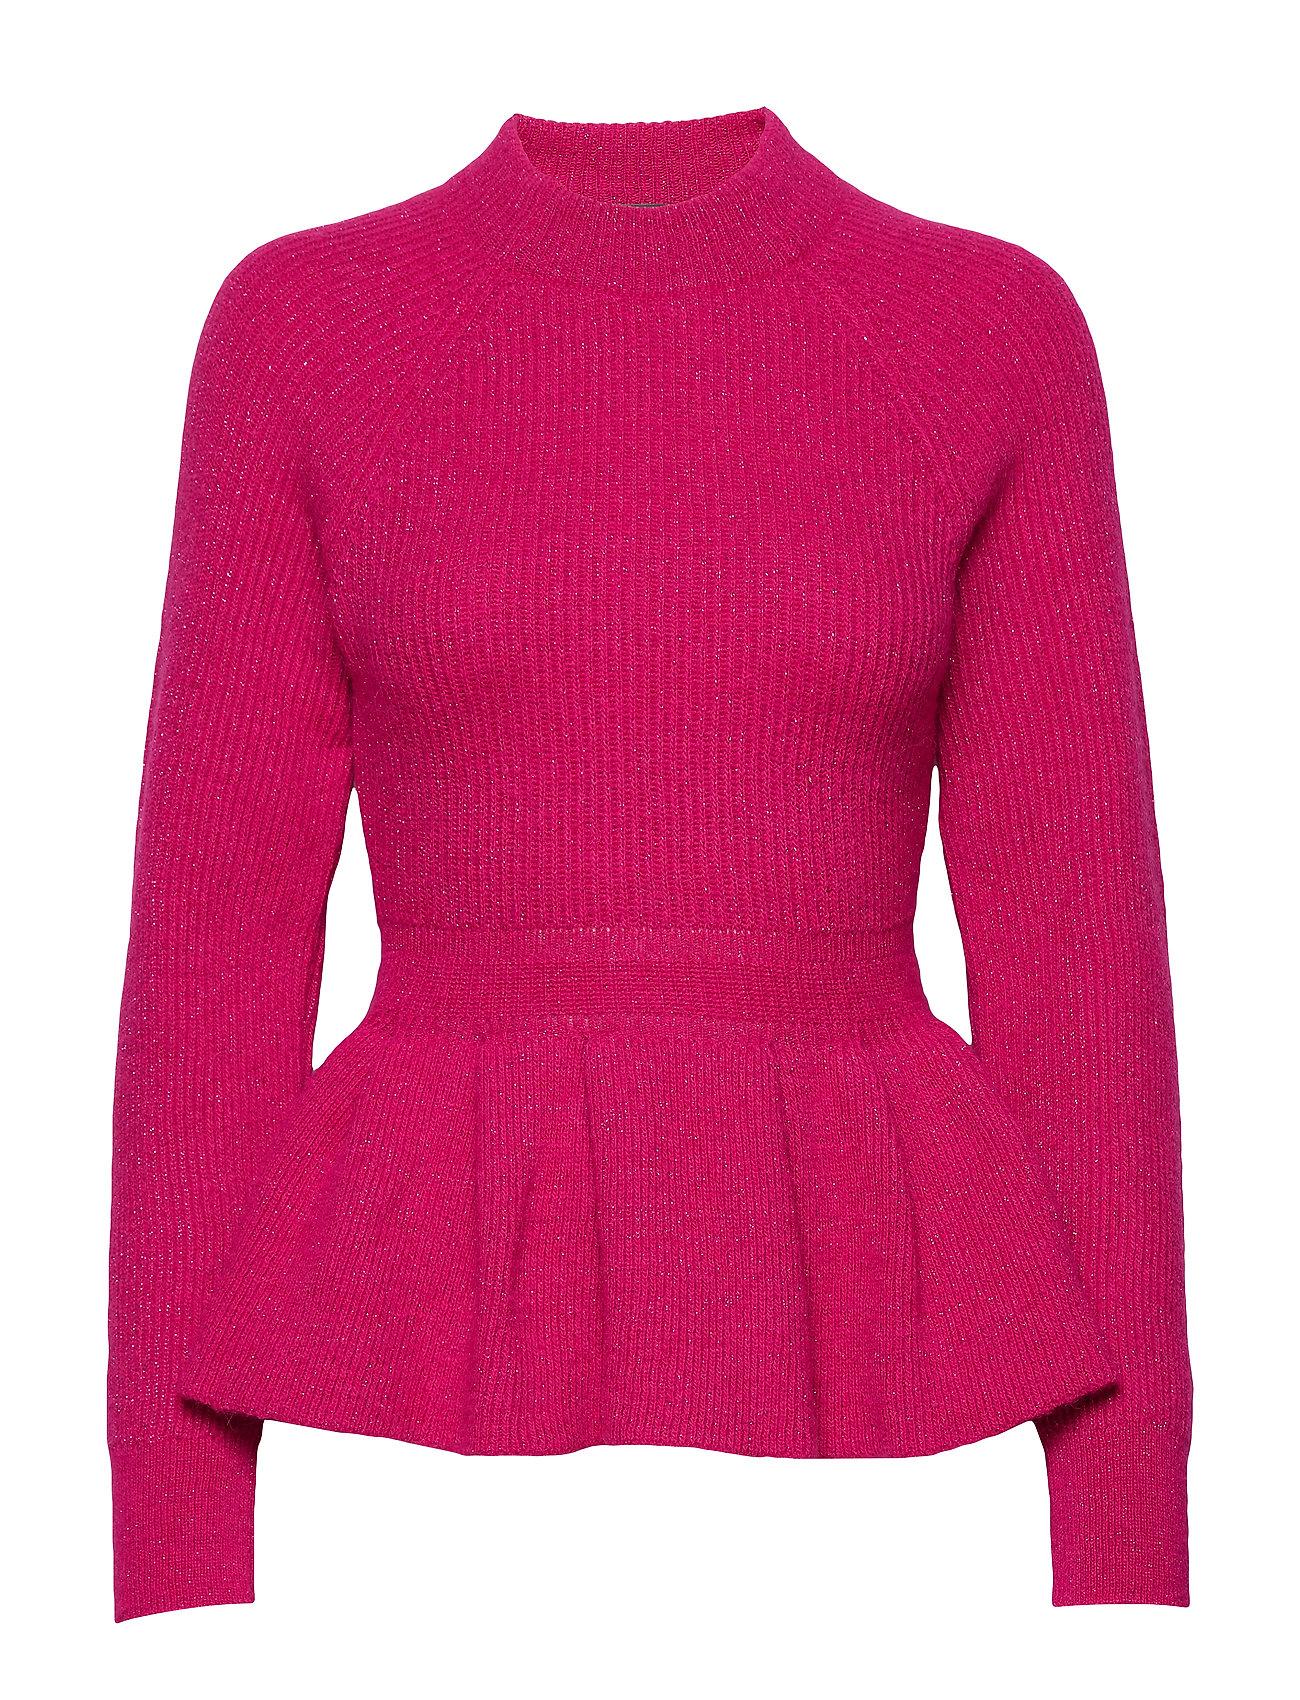 STINE GOYA Lucio, 660 Medium Rib Knitwear - PINK